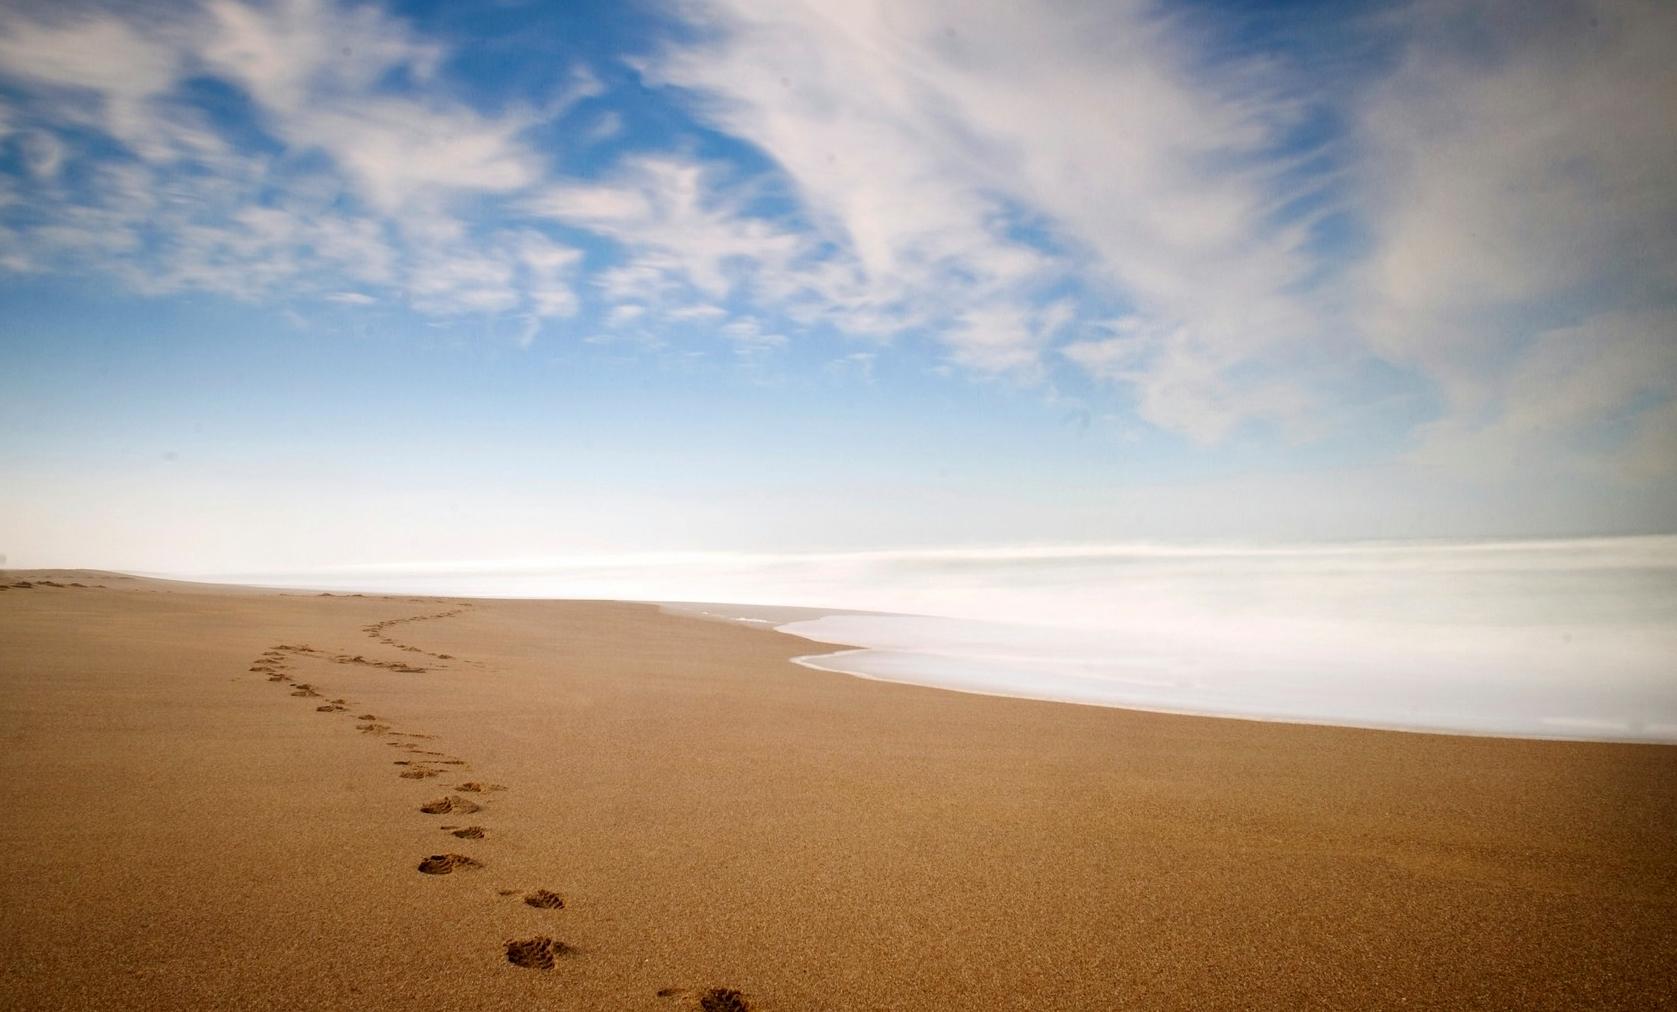 Escritura De La Mano Te Amo En La Arena Y La Playa Imagen: Poemas Desde El Vacío